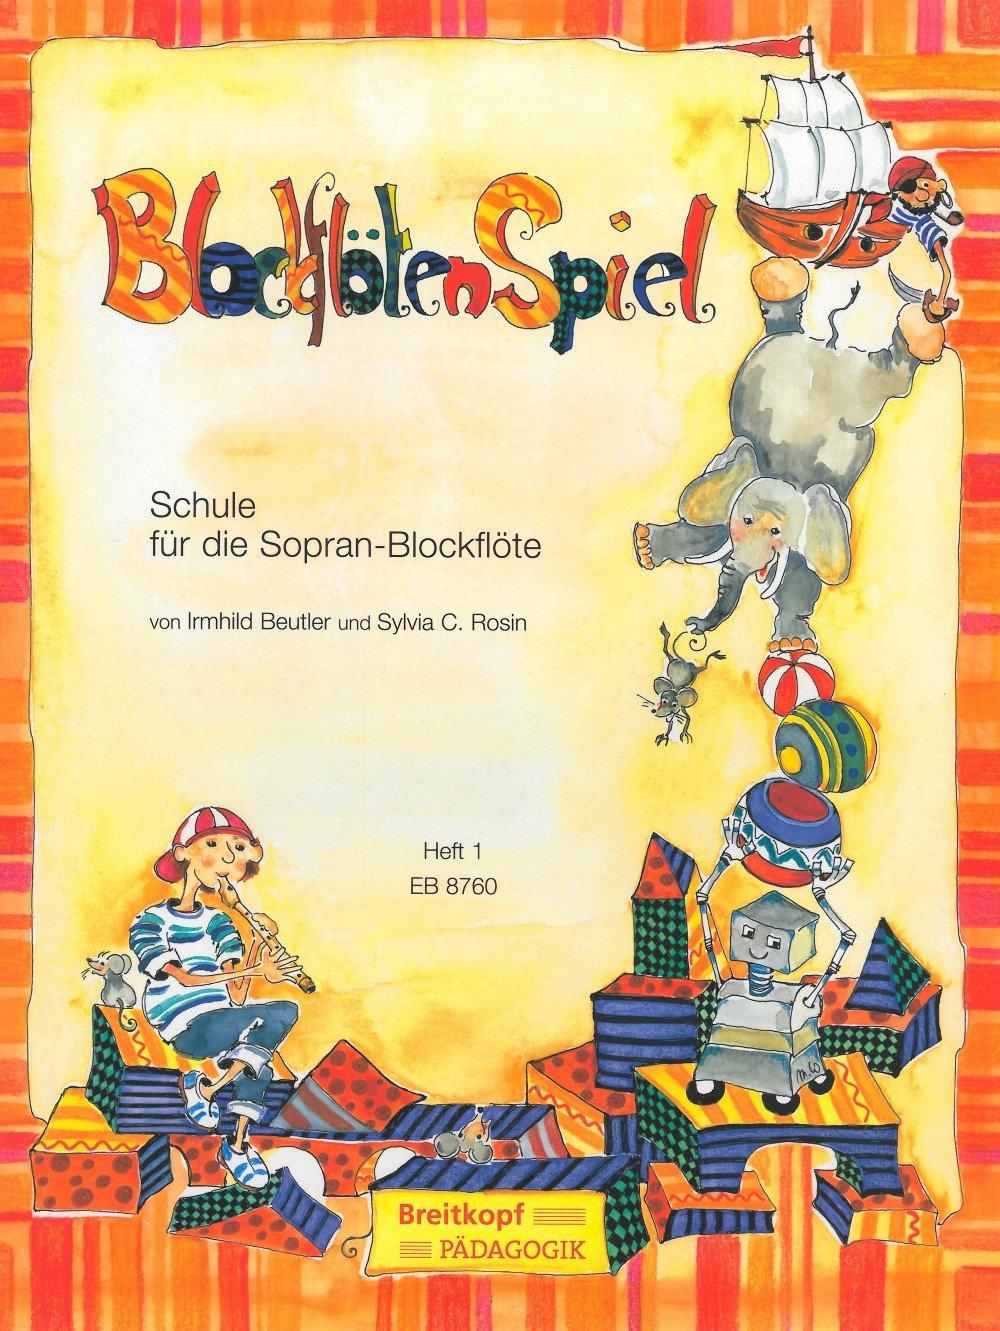 Schule für die Sopran-Blockflöte Heft 1 (EB 8760)